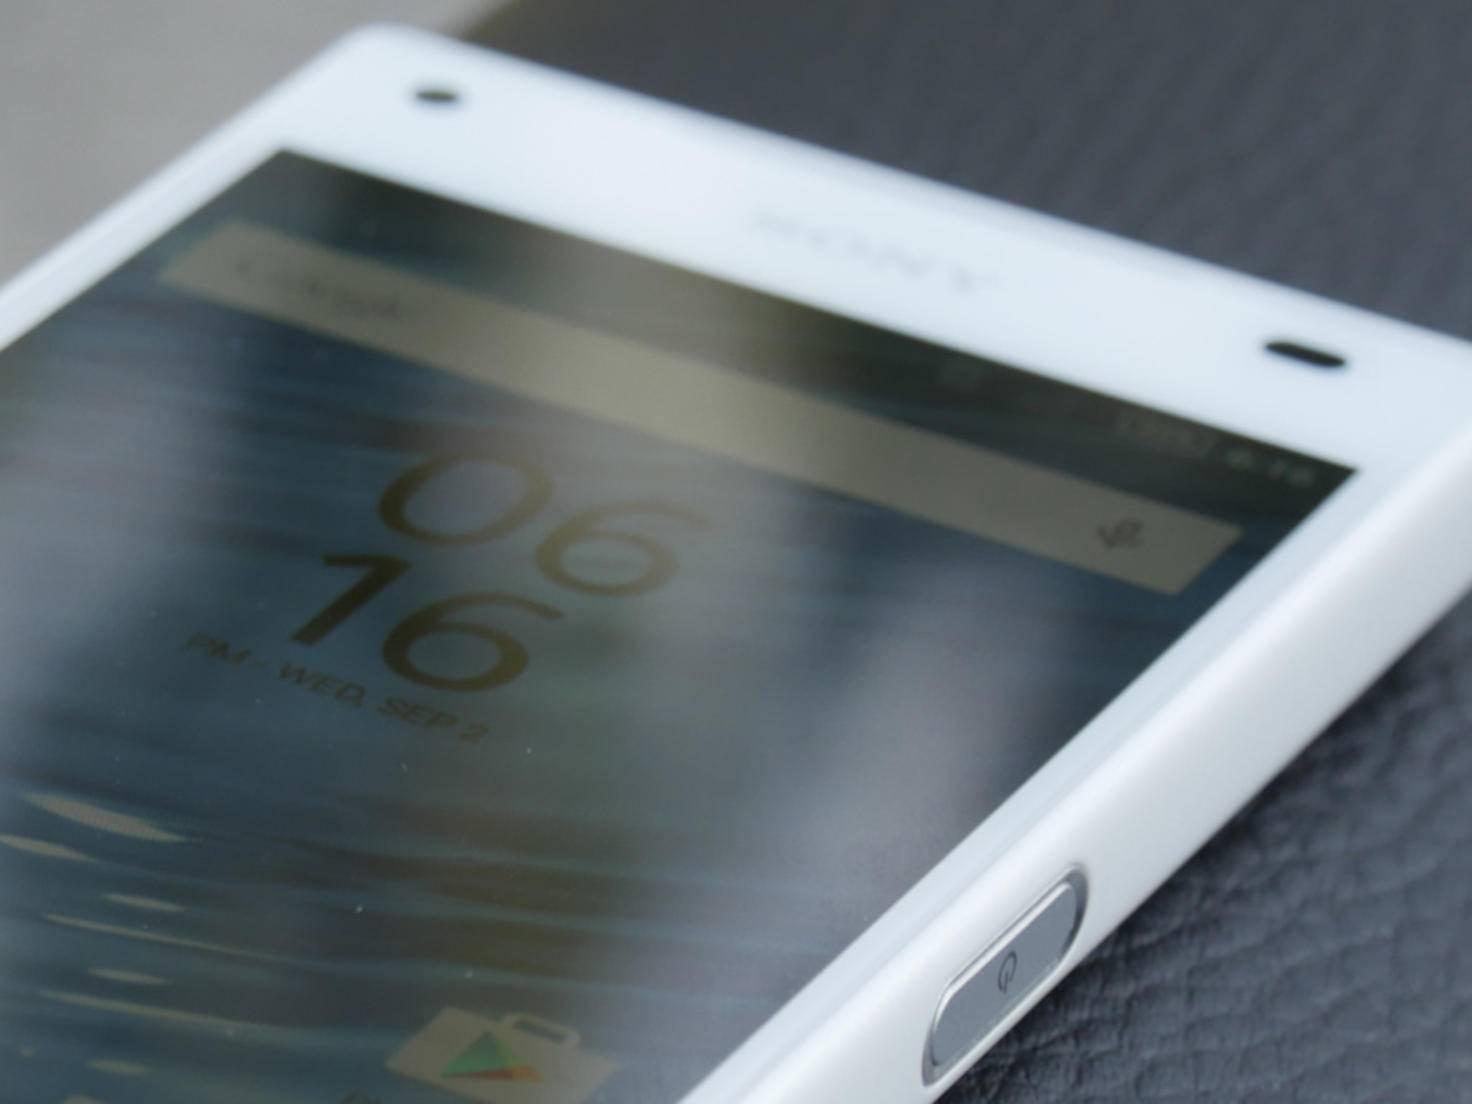 Der Bildschirm des Xperia Z5 Compact löst mit 1280 x 720 Pixeln auf, was bei 4,6 Zoll 319 ppi entspricht.